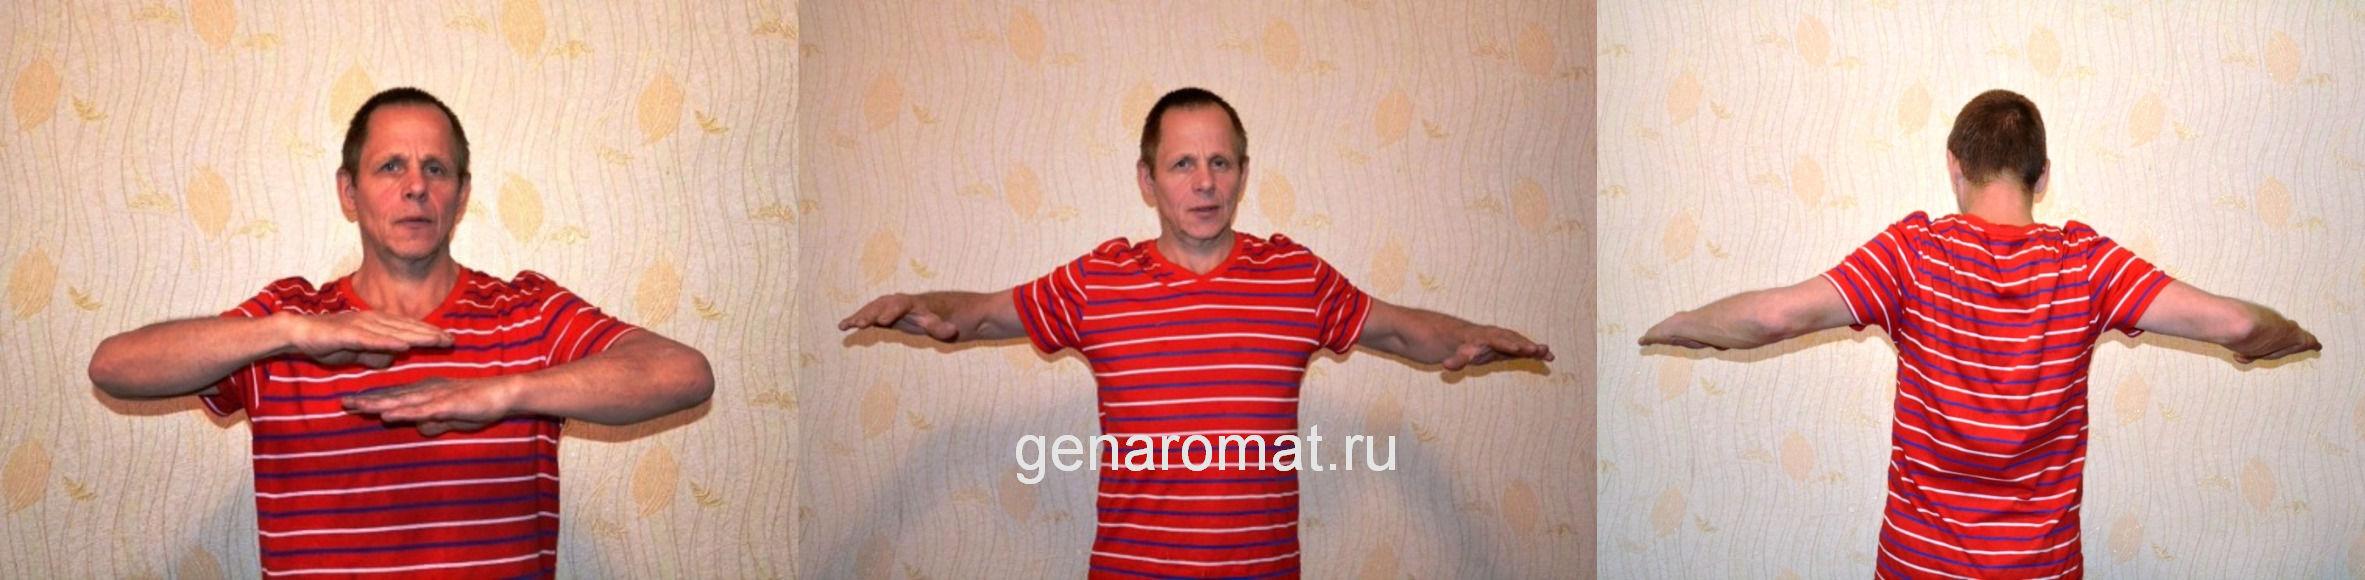 Упражнения для плеча-2